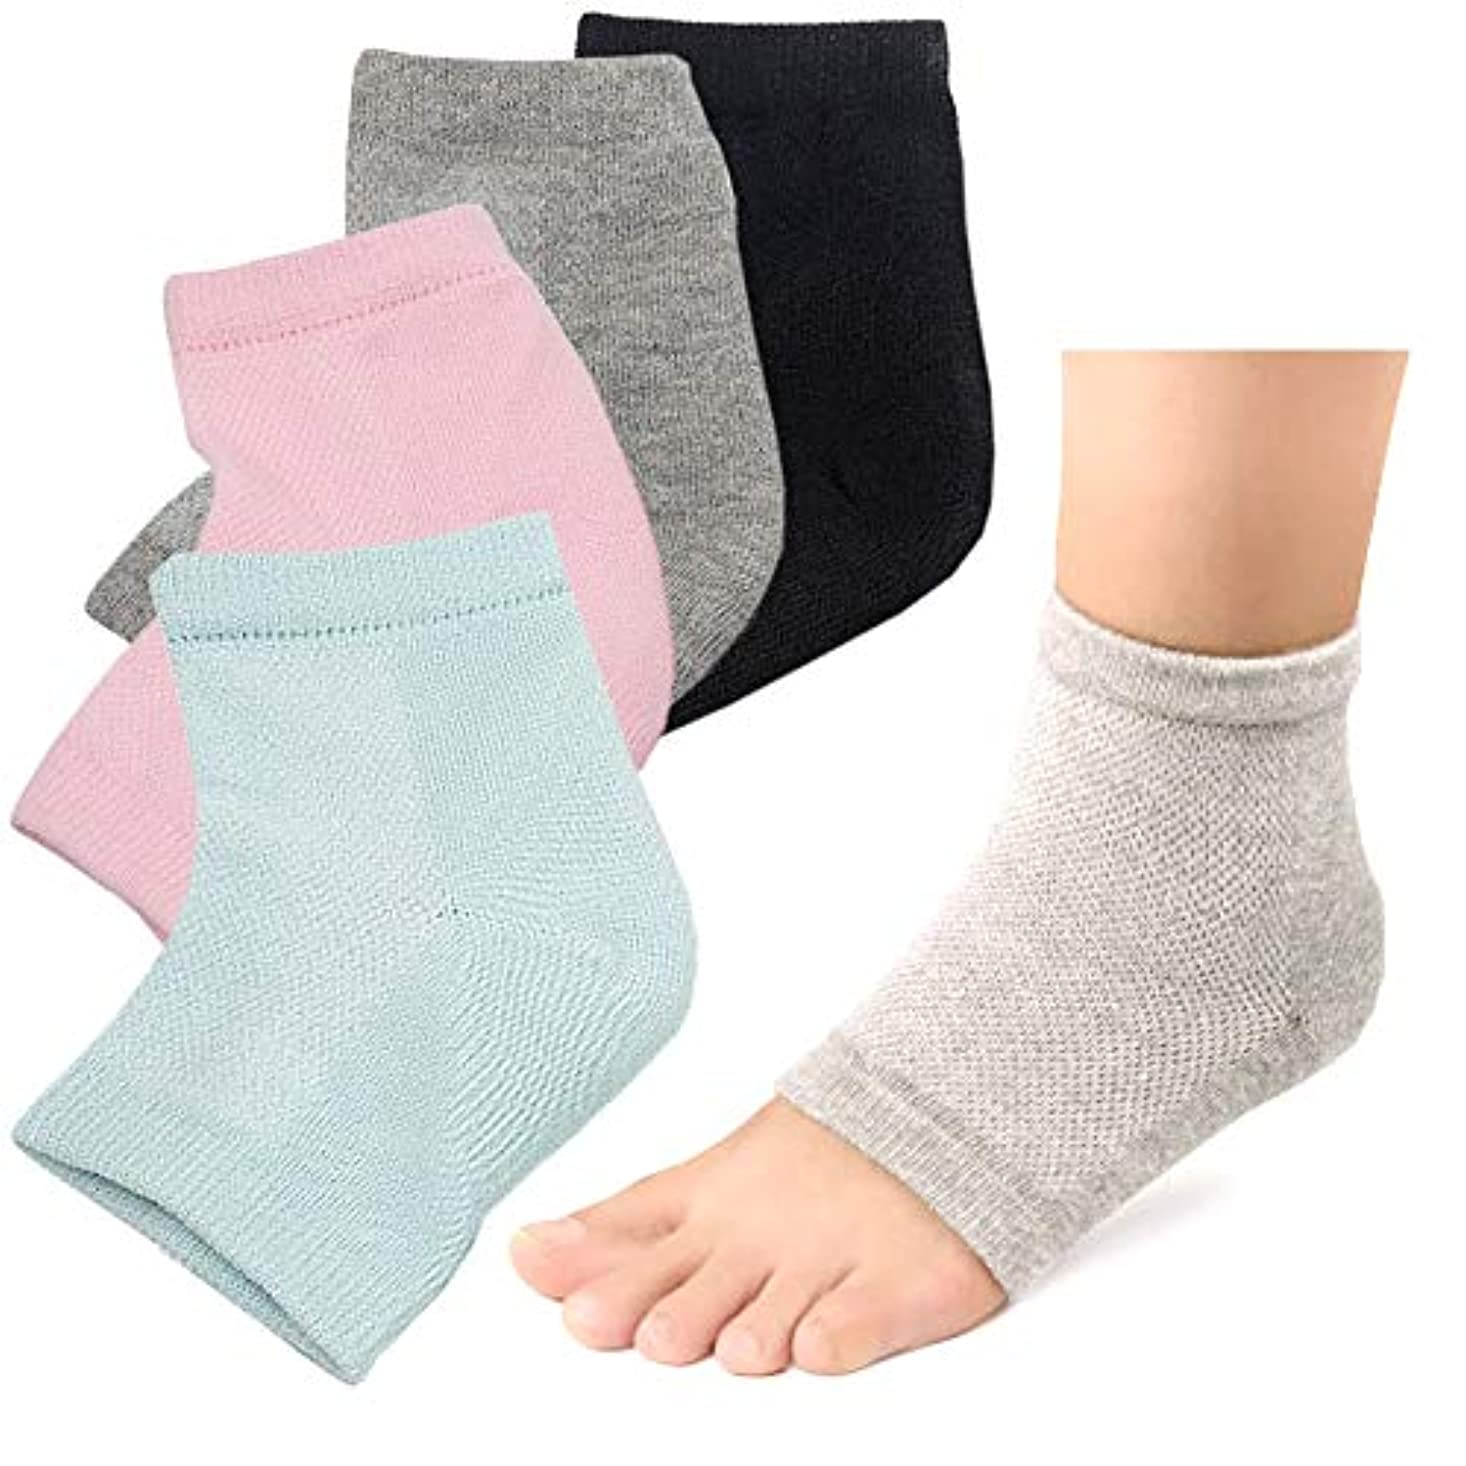 女将失望パスタかかと 靴下 ソックス つるつる 2足セット かかとケア かかとサポーター ひび割れ対策 角質ケア (グレー/グリーン)